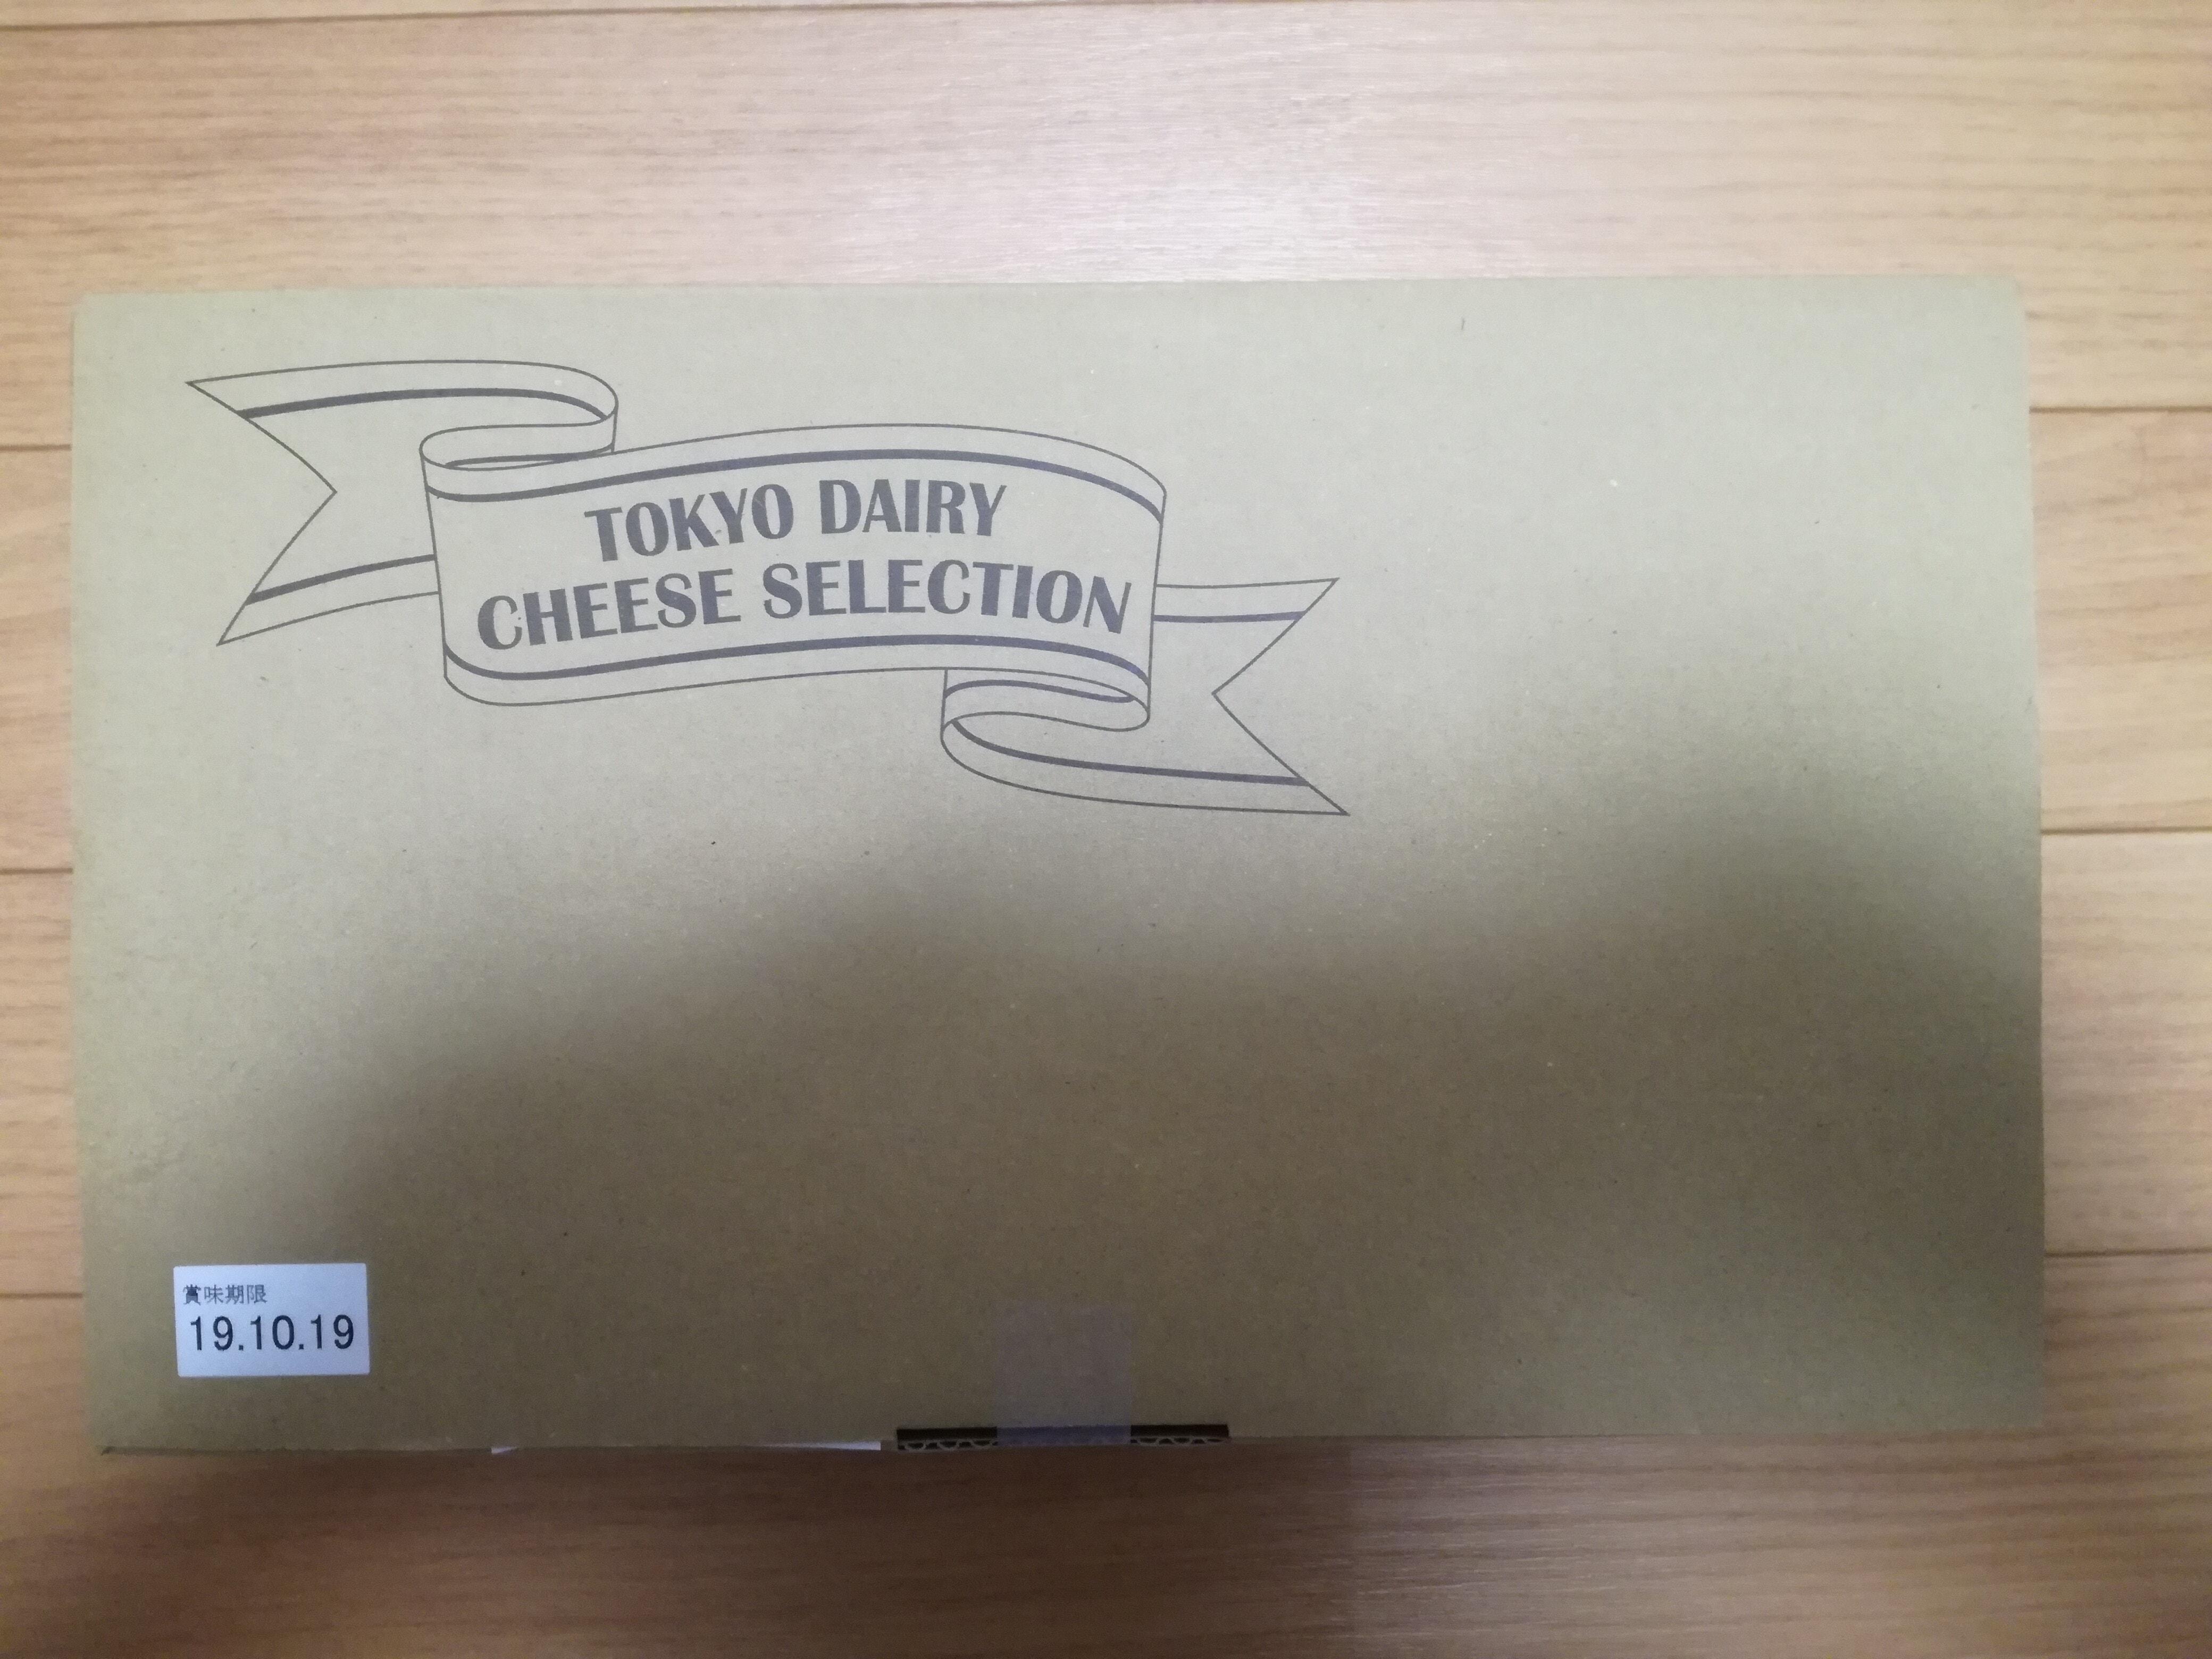 含み損3万円超のオリックス(8591)から「ふるさと優待カタログ」で選んだチーズ詰合せが到着!